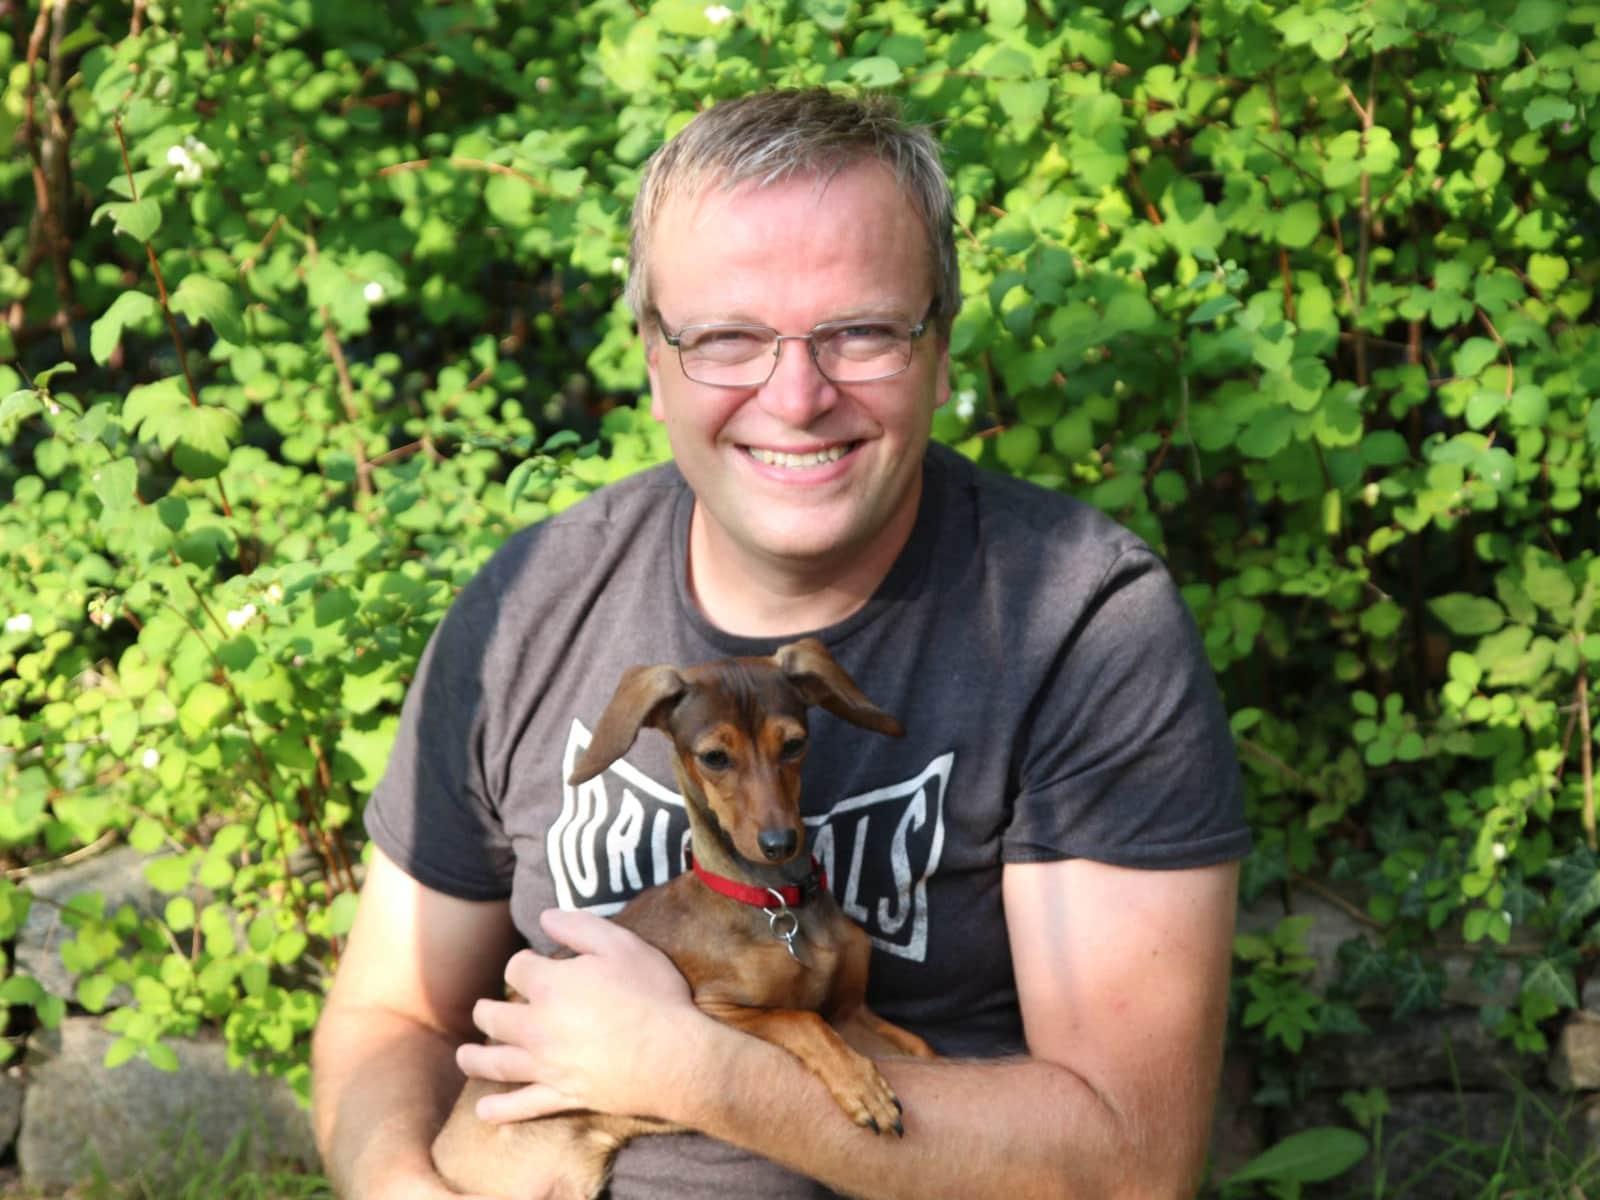 Thomas justesen from Aalborg, Denmark